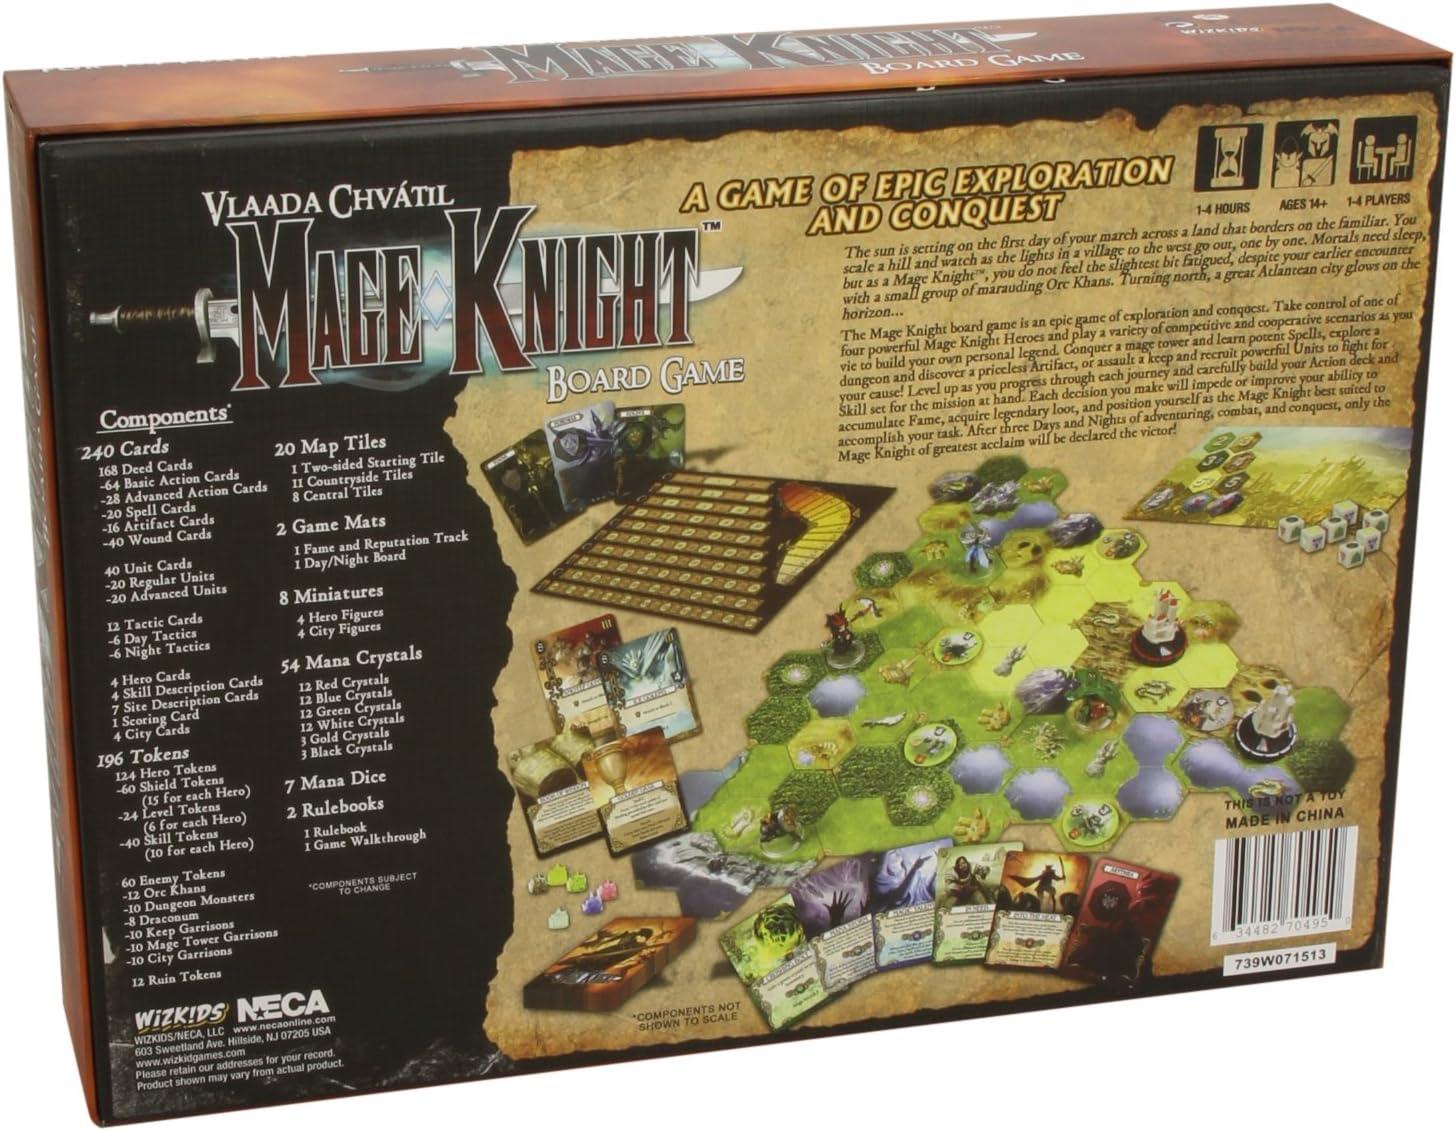 WizKids NECA 70495 Mage Knight - Juego de Mesa (Instrucciones en inglés): Amazon.es: Juguetes y juegos